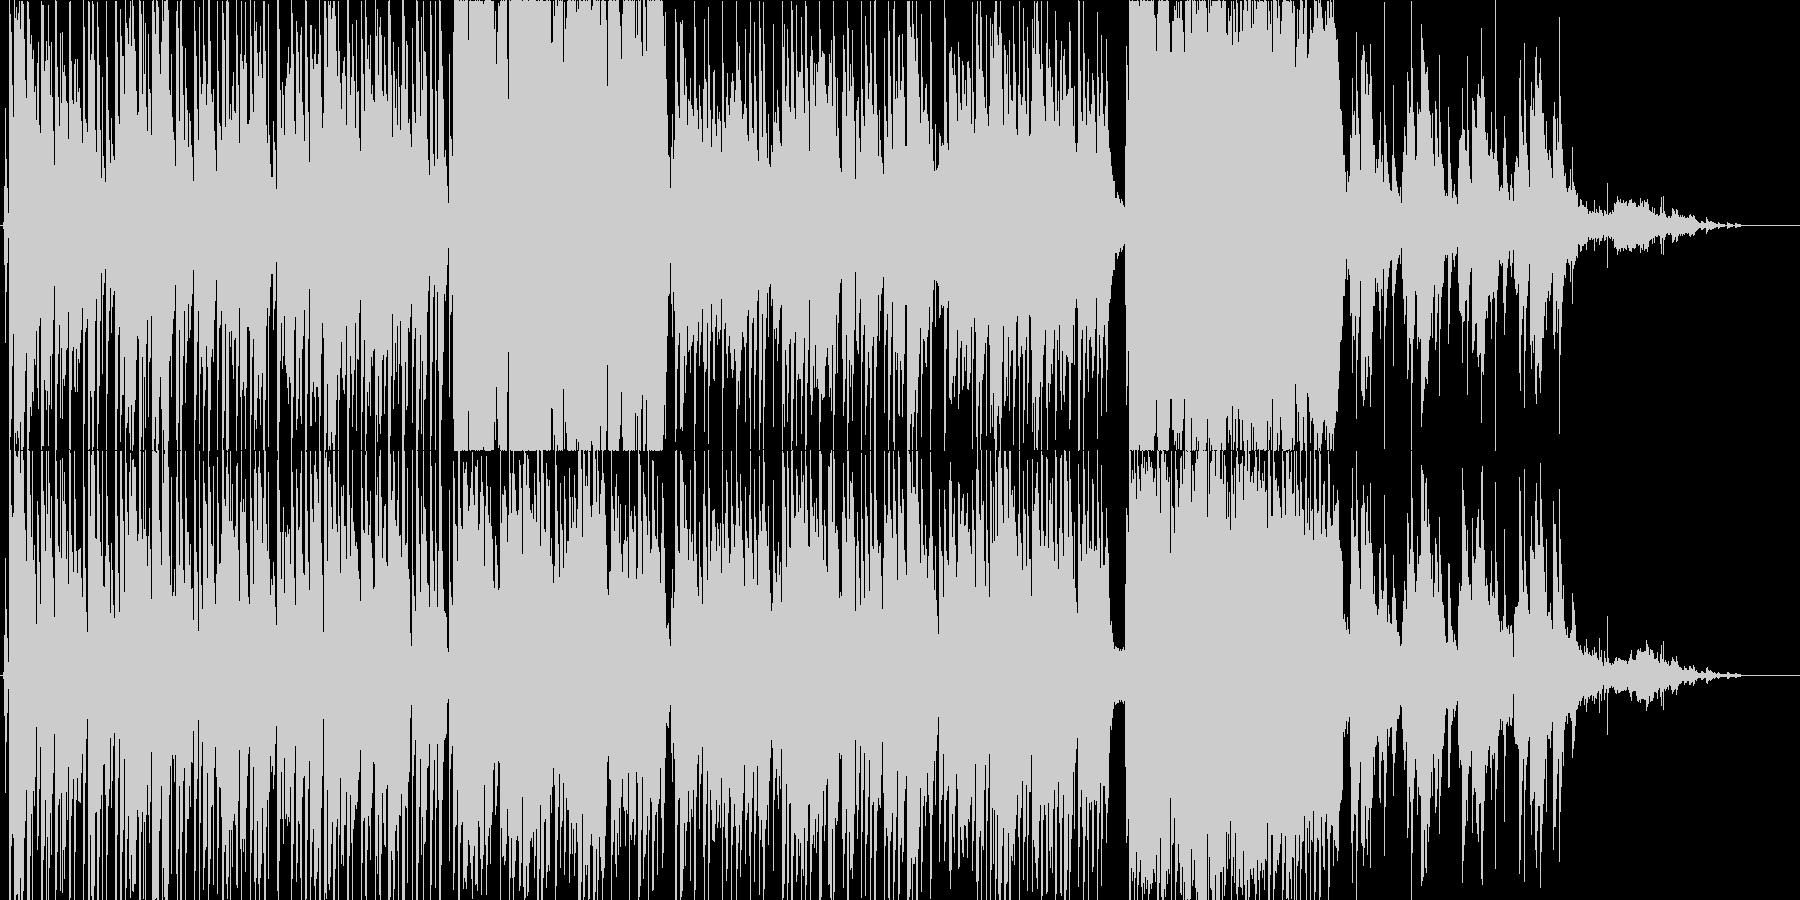 女性ロリータボイスによるメルヘン曲の未再生の波形